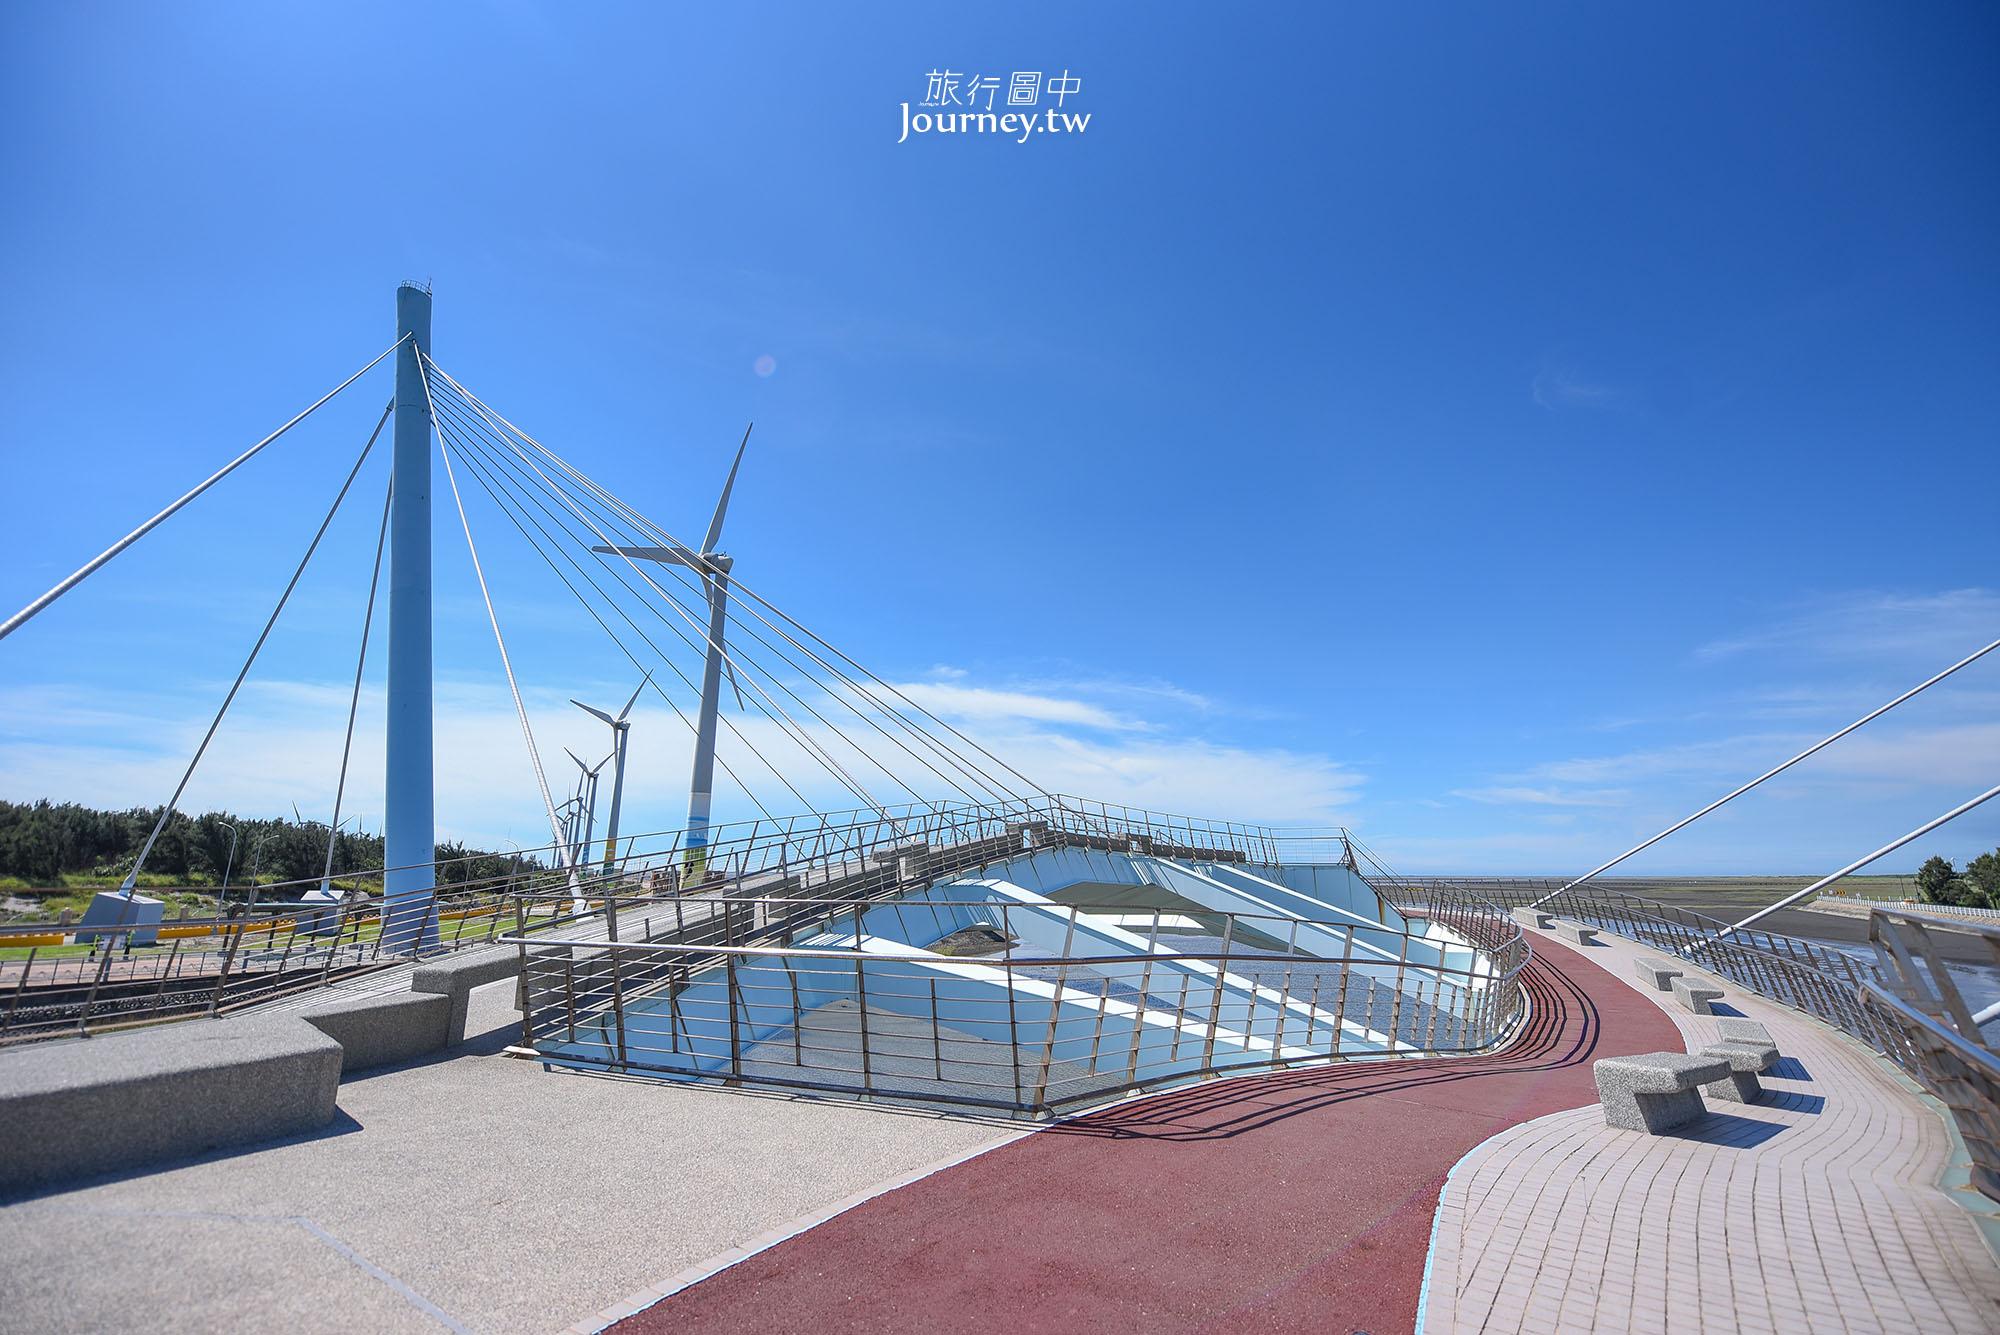 台中市,台中景點,清水區,清水景點,高美濕地,高美濕地遊客中心,高美雙曲景觀橋